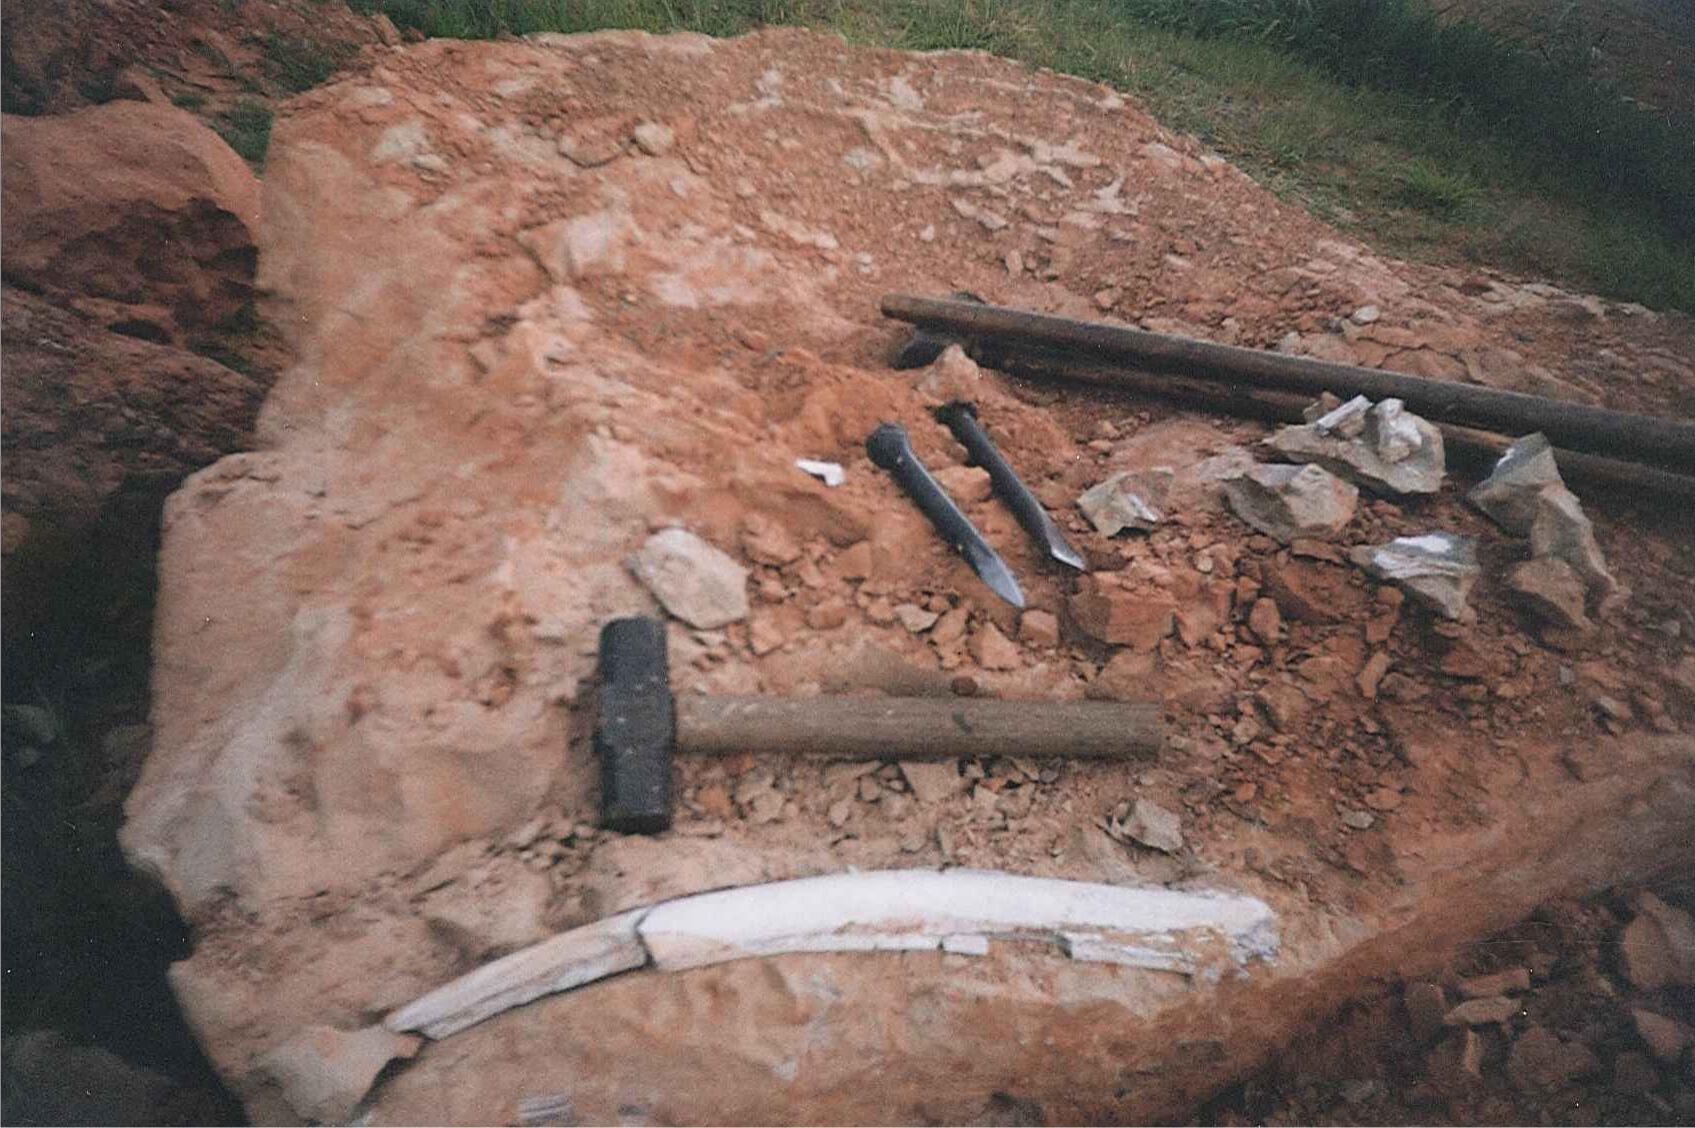 Costela encontrada junto aos materiais de Brasilotitan.